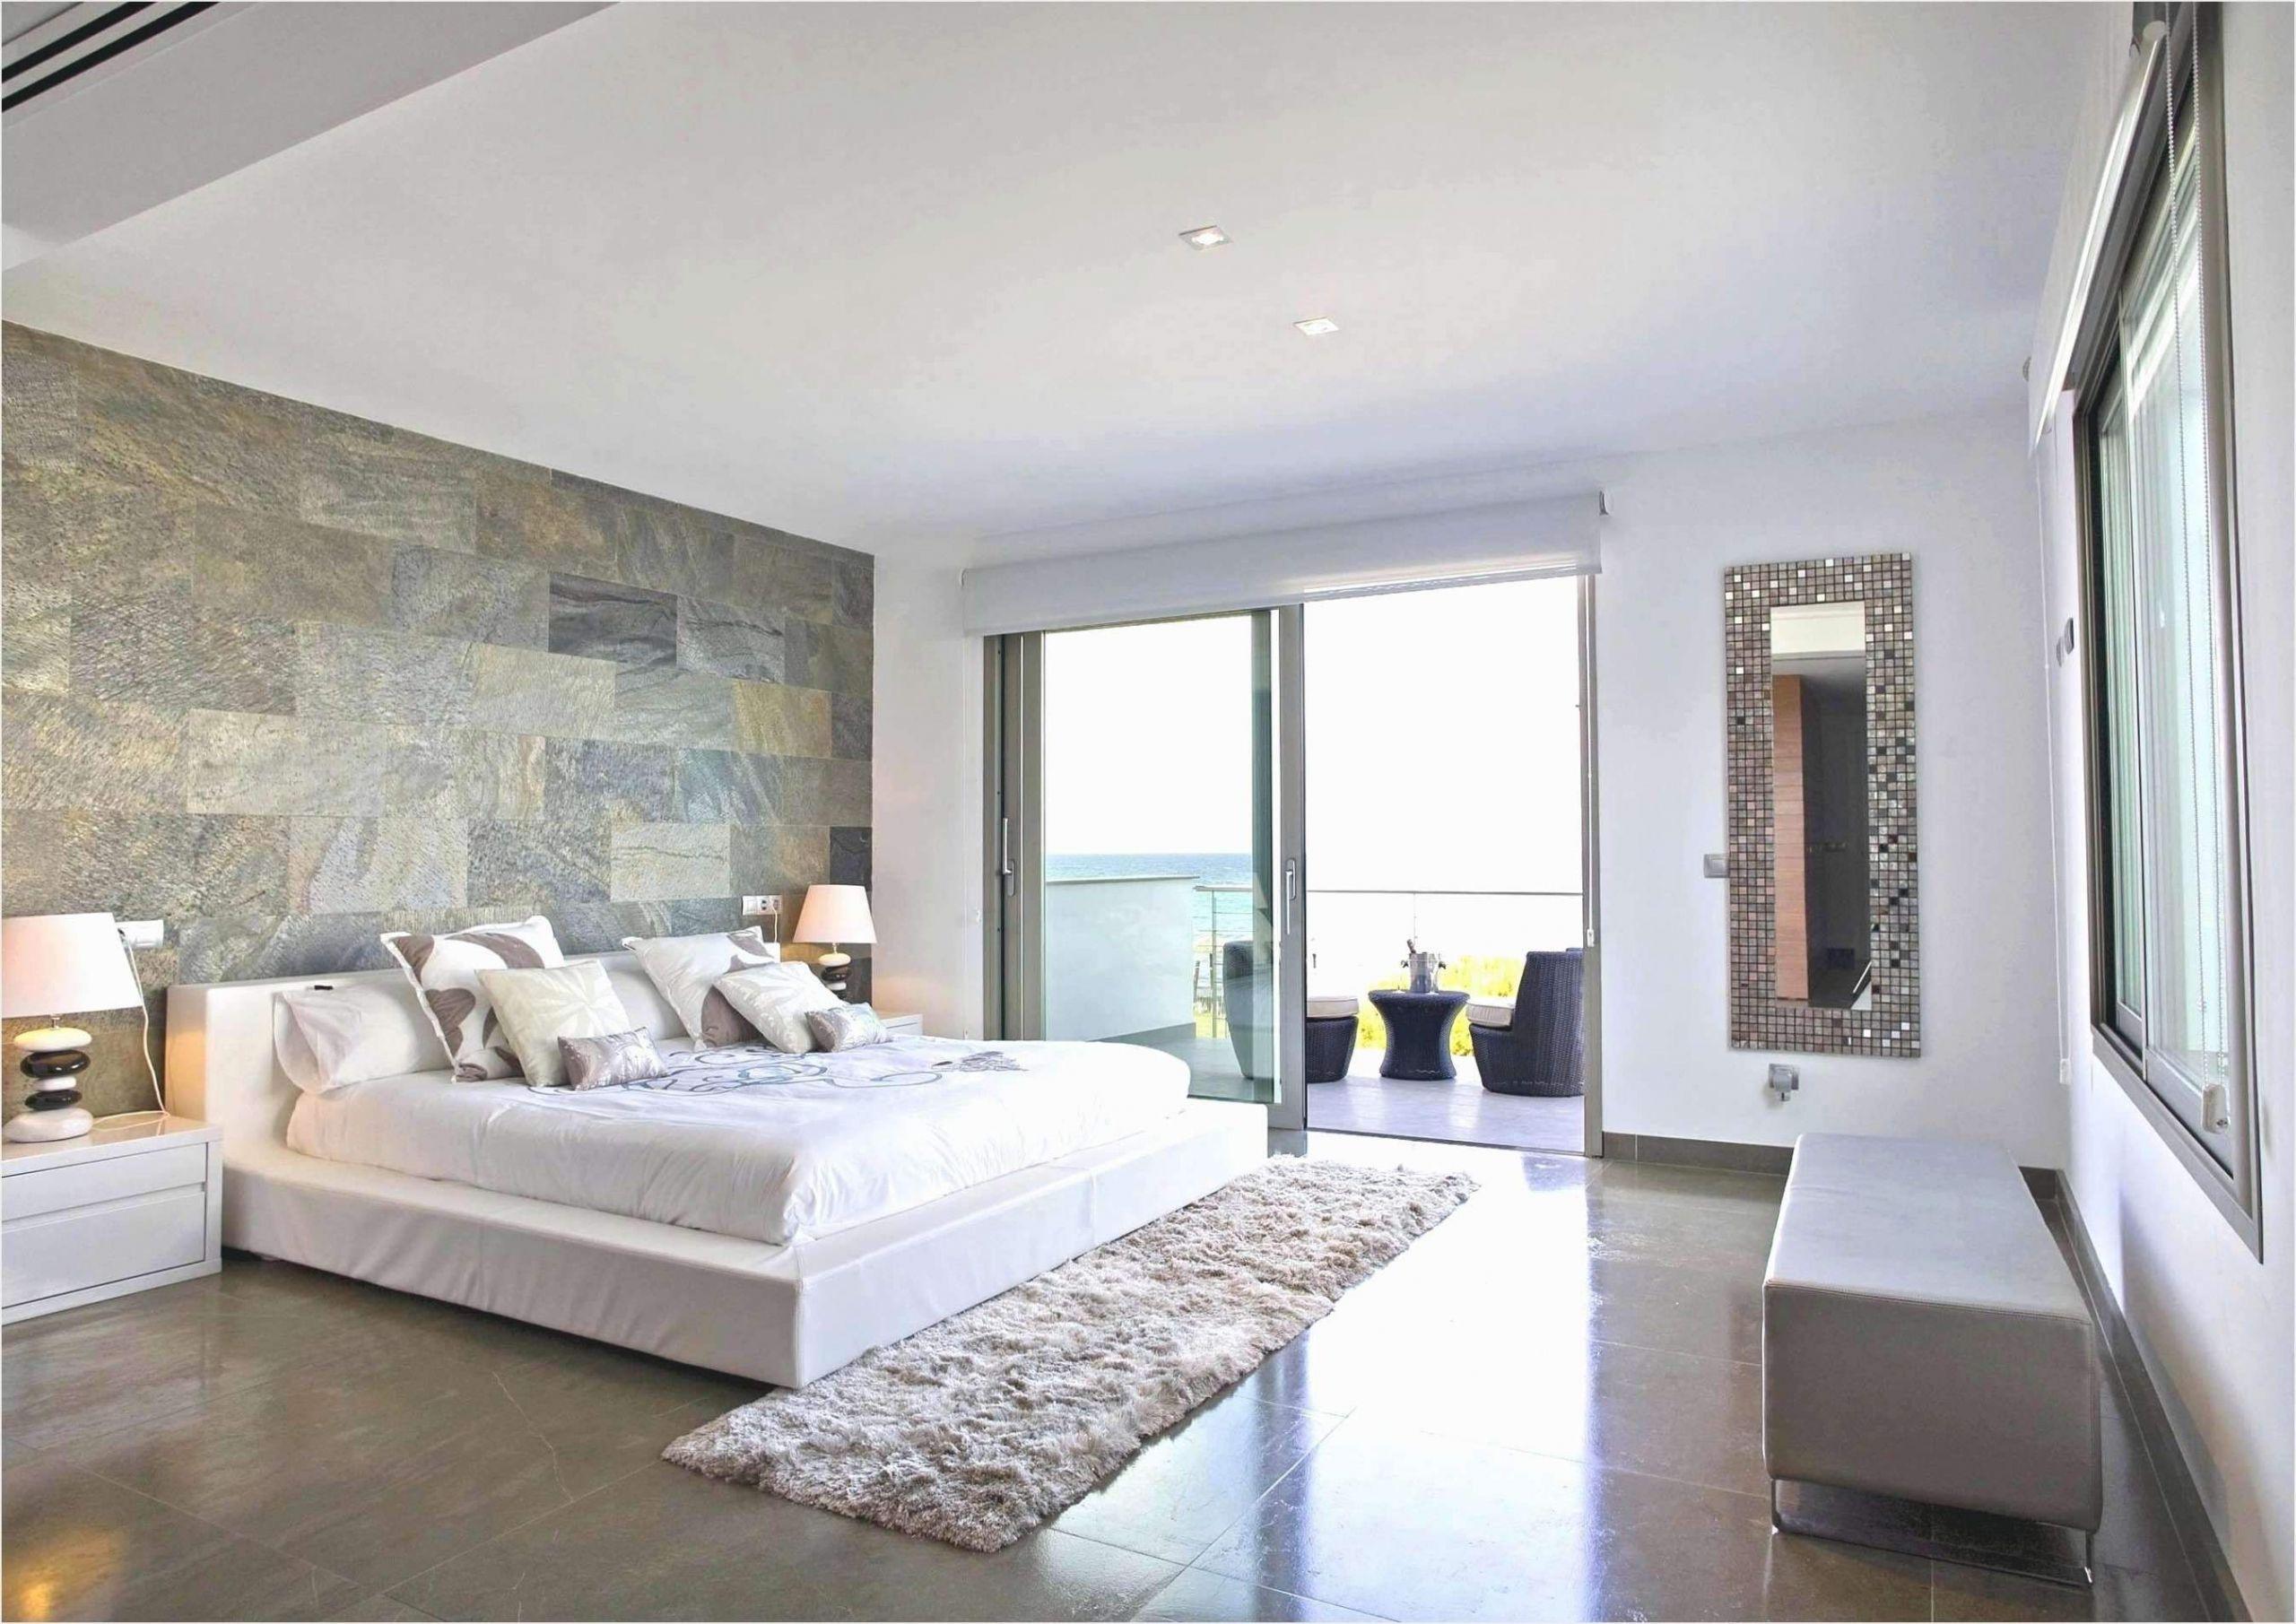 dekorationsideen wohnzimmer frisch wohnzimmer of dekorationsideen wohnzimmer scaled